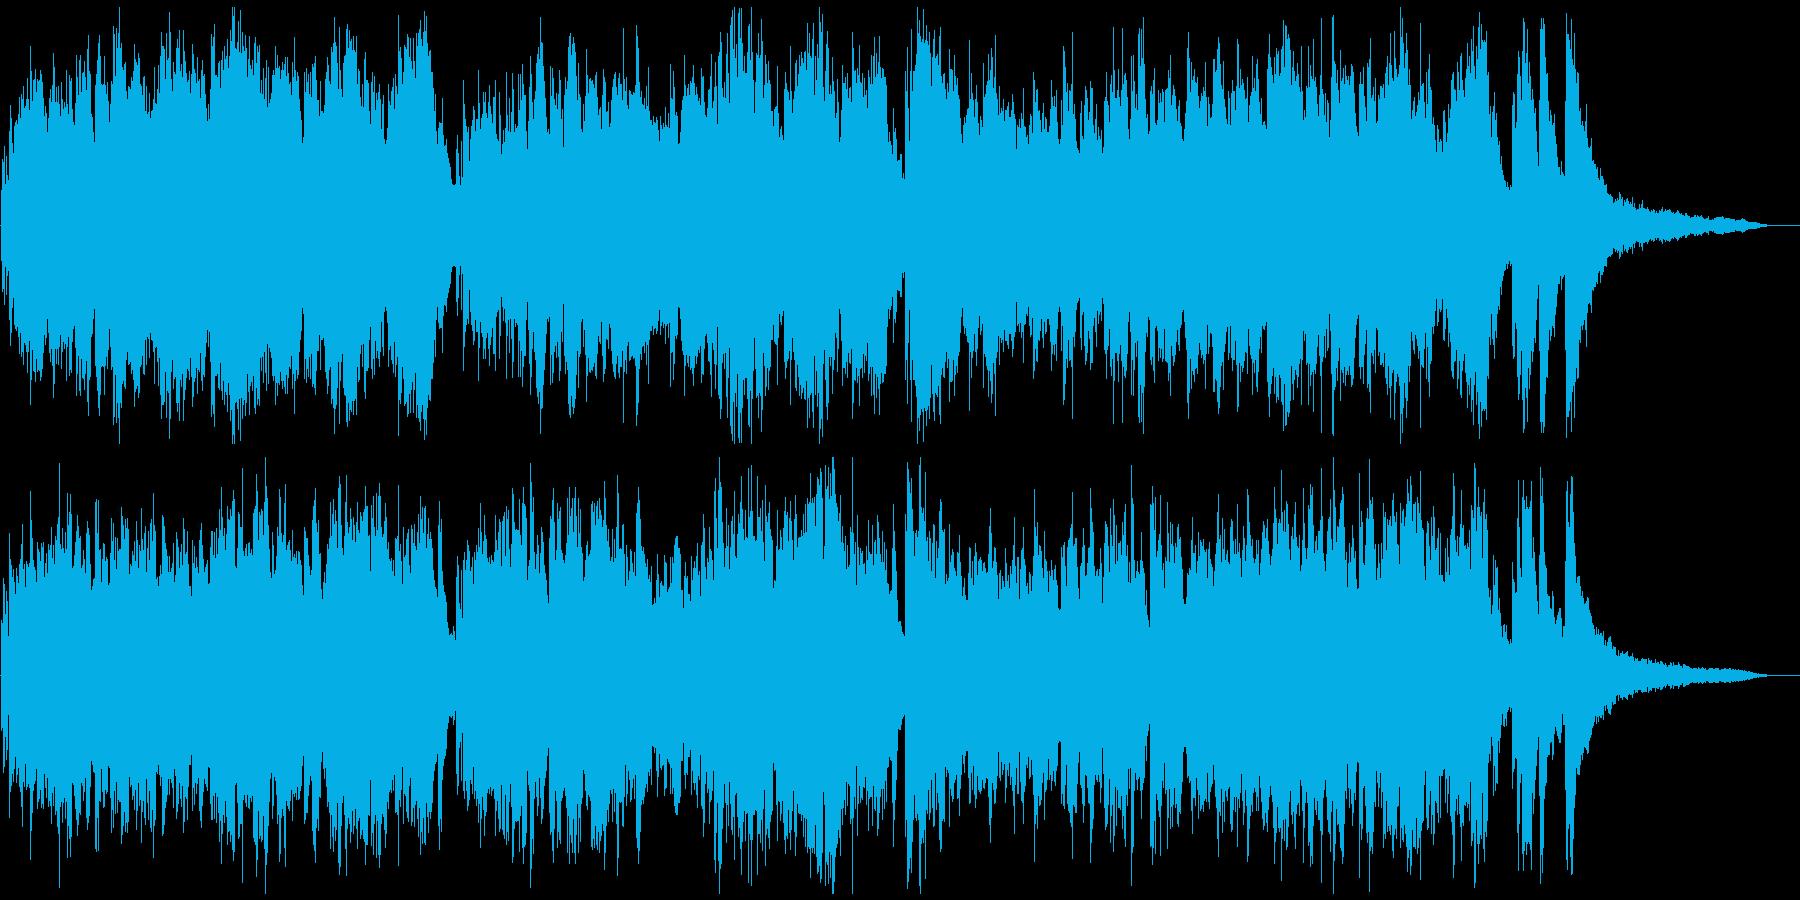 ★★現代音楽風タイムラプス用ピアノ★3分の再生済みの波形